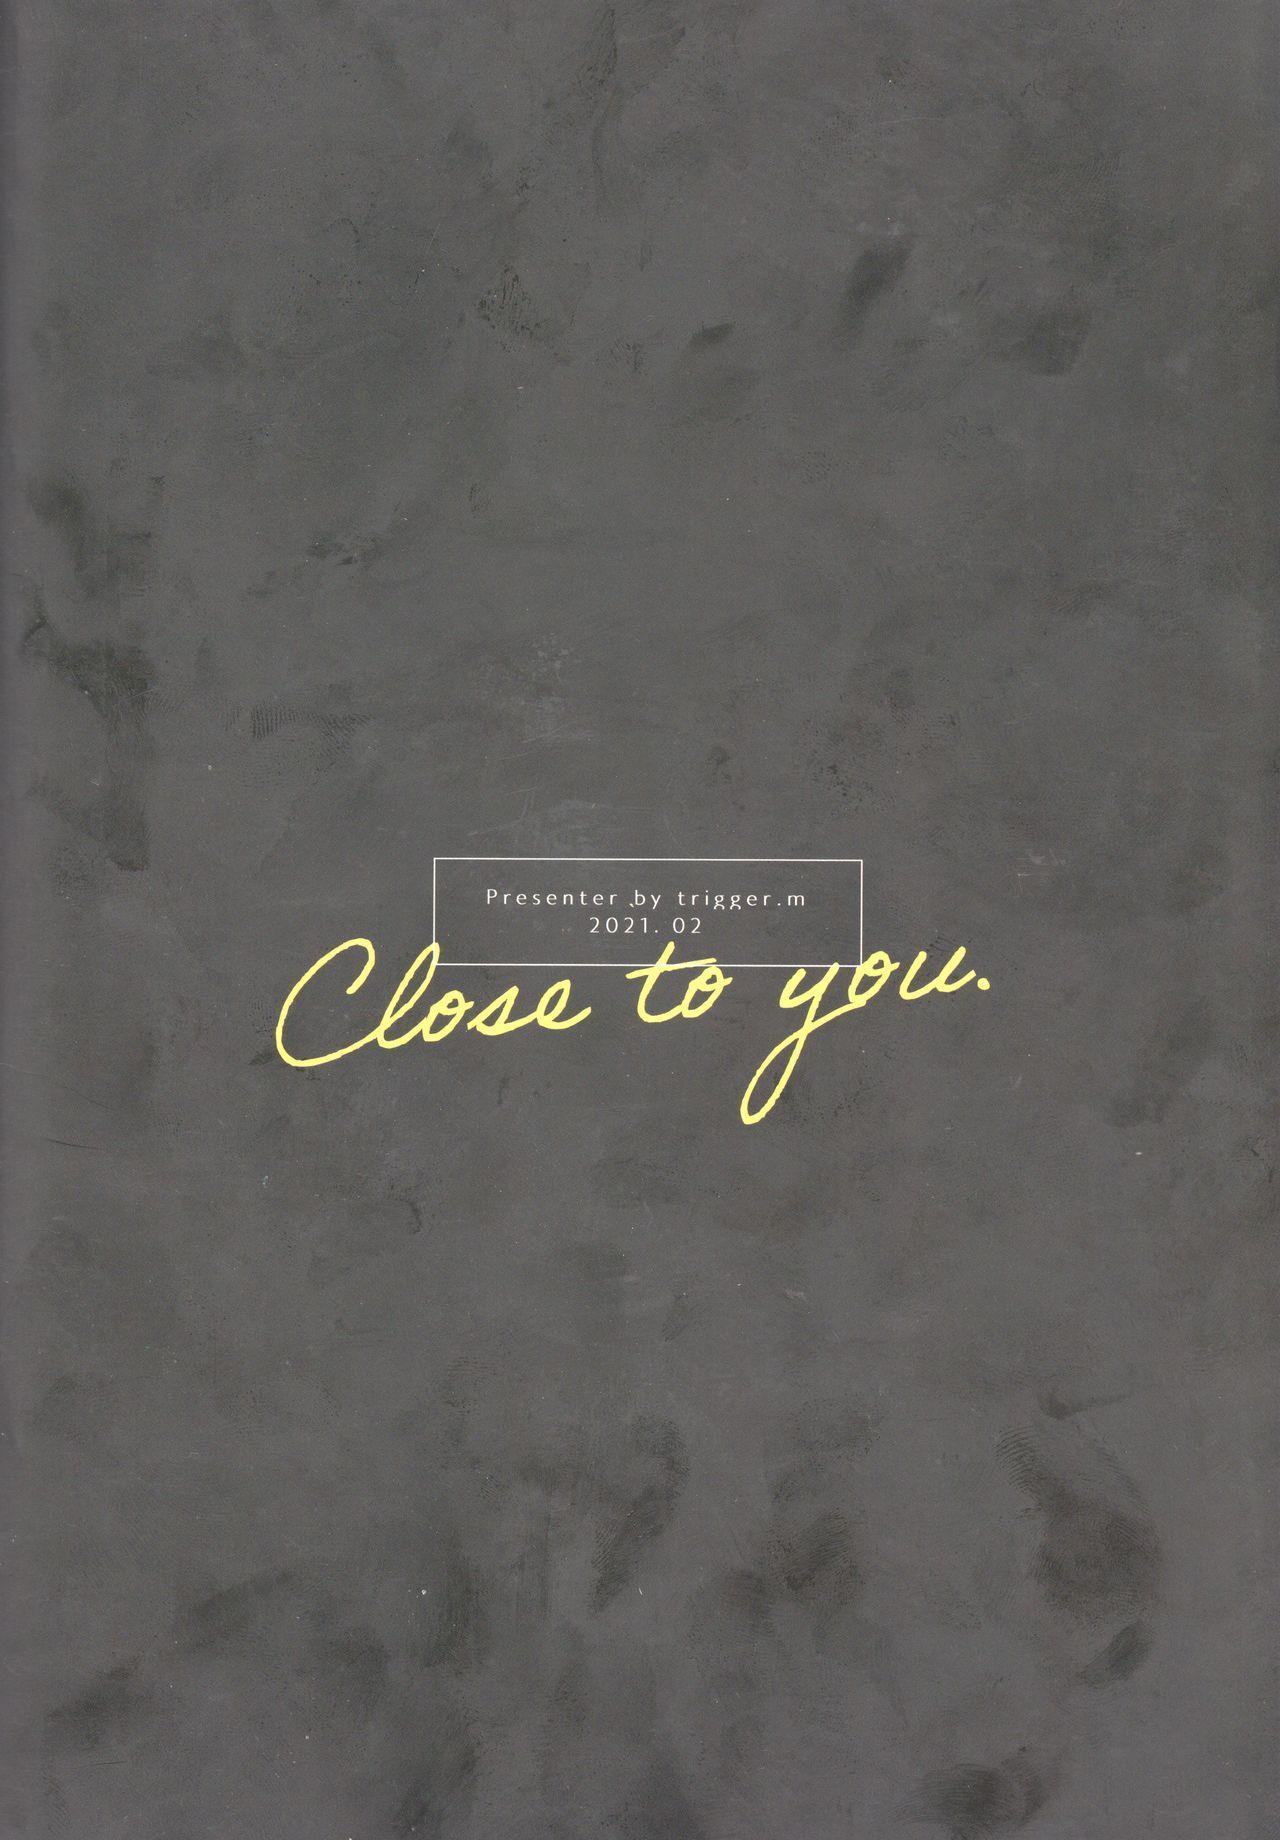 Close to you. 44